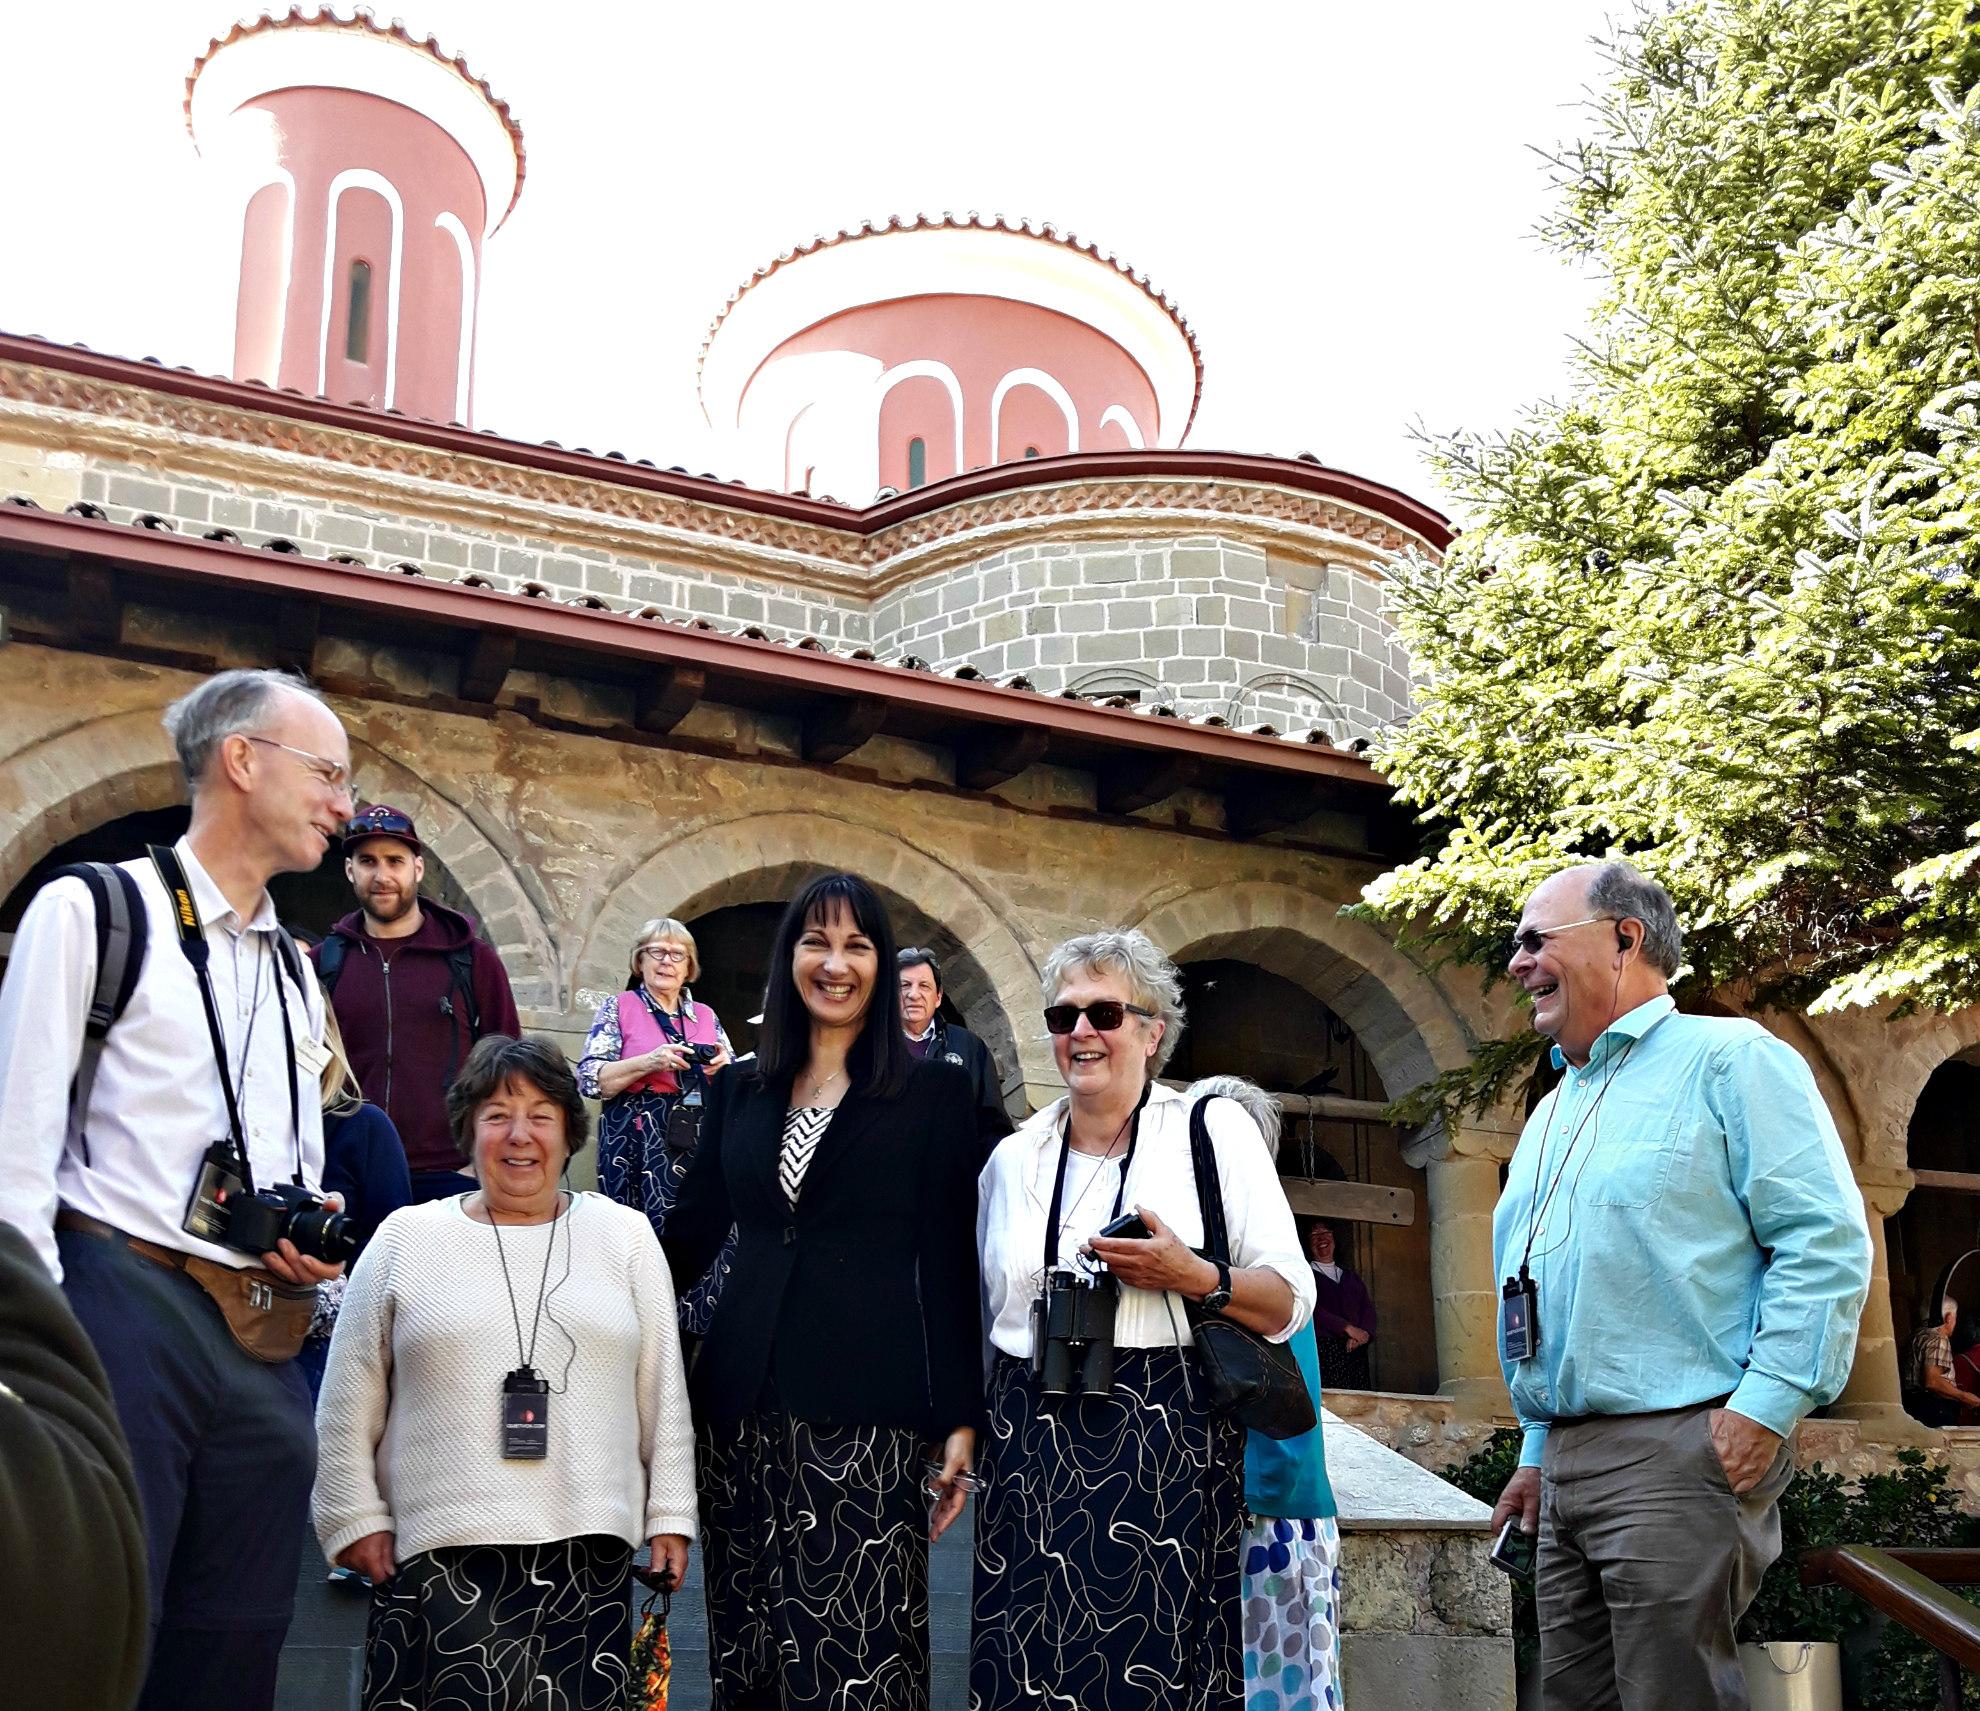 Η Υπουργός Τουρισμού με επισκέπτες στην είσοδο της Ι.Μ. Αγίου Στεφάνου